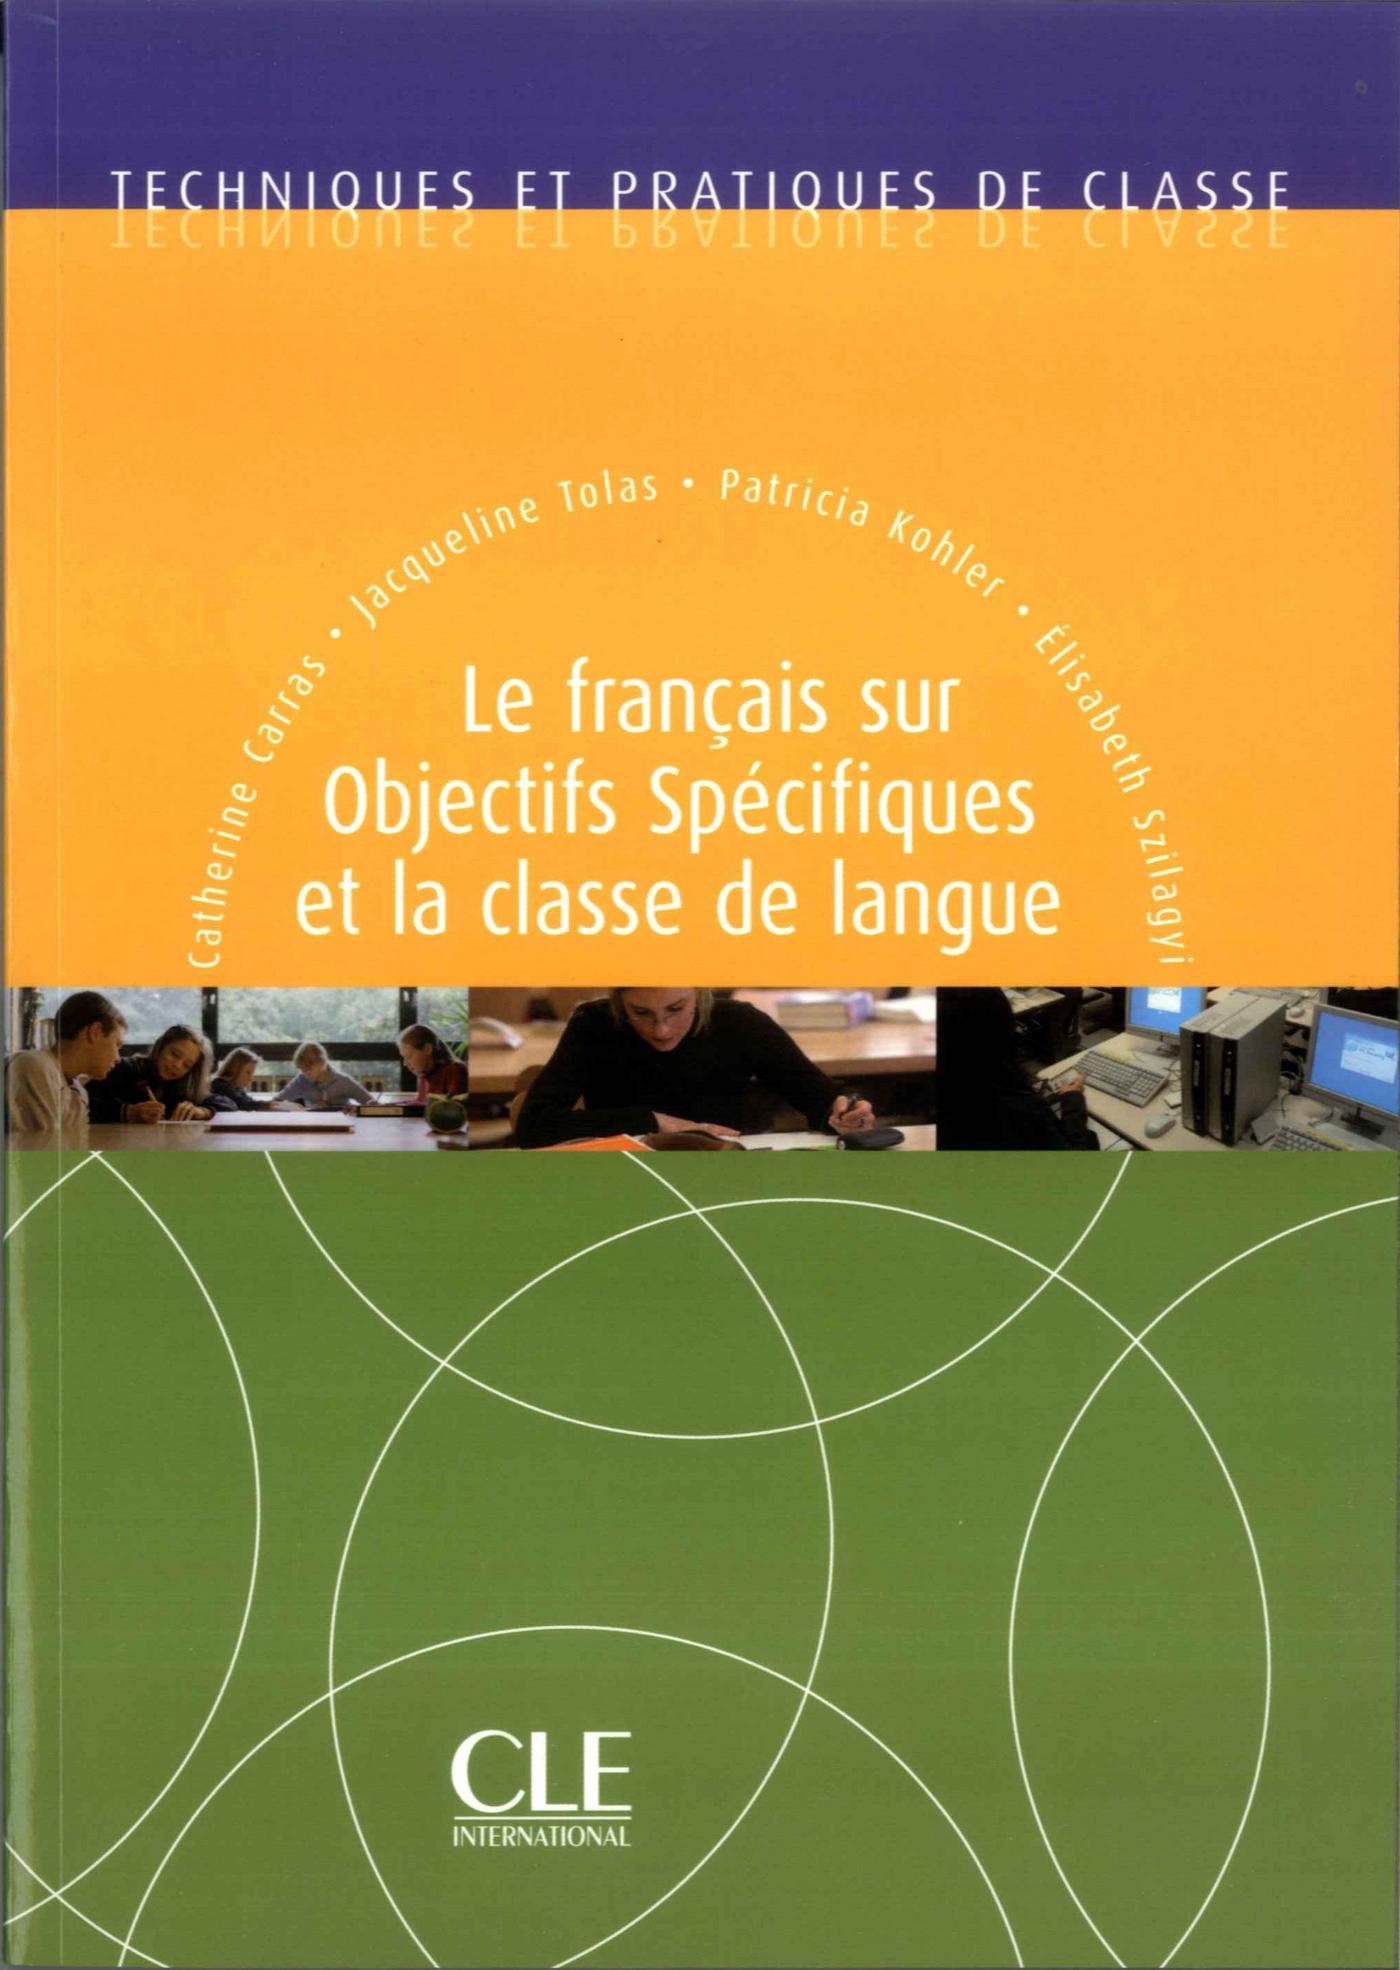 Le fos et la classe de langue FLE - techniques et pratiques de classe - Ebook